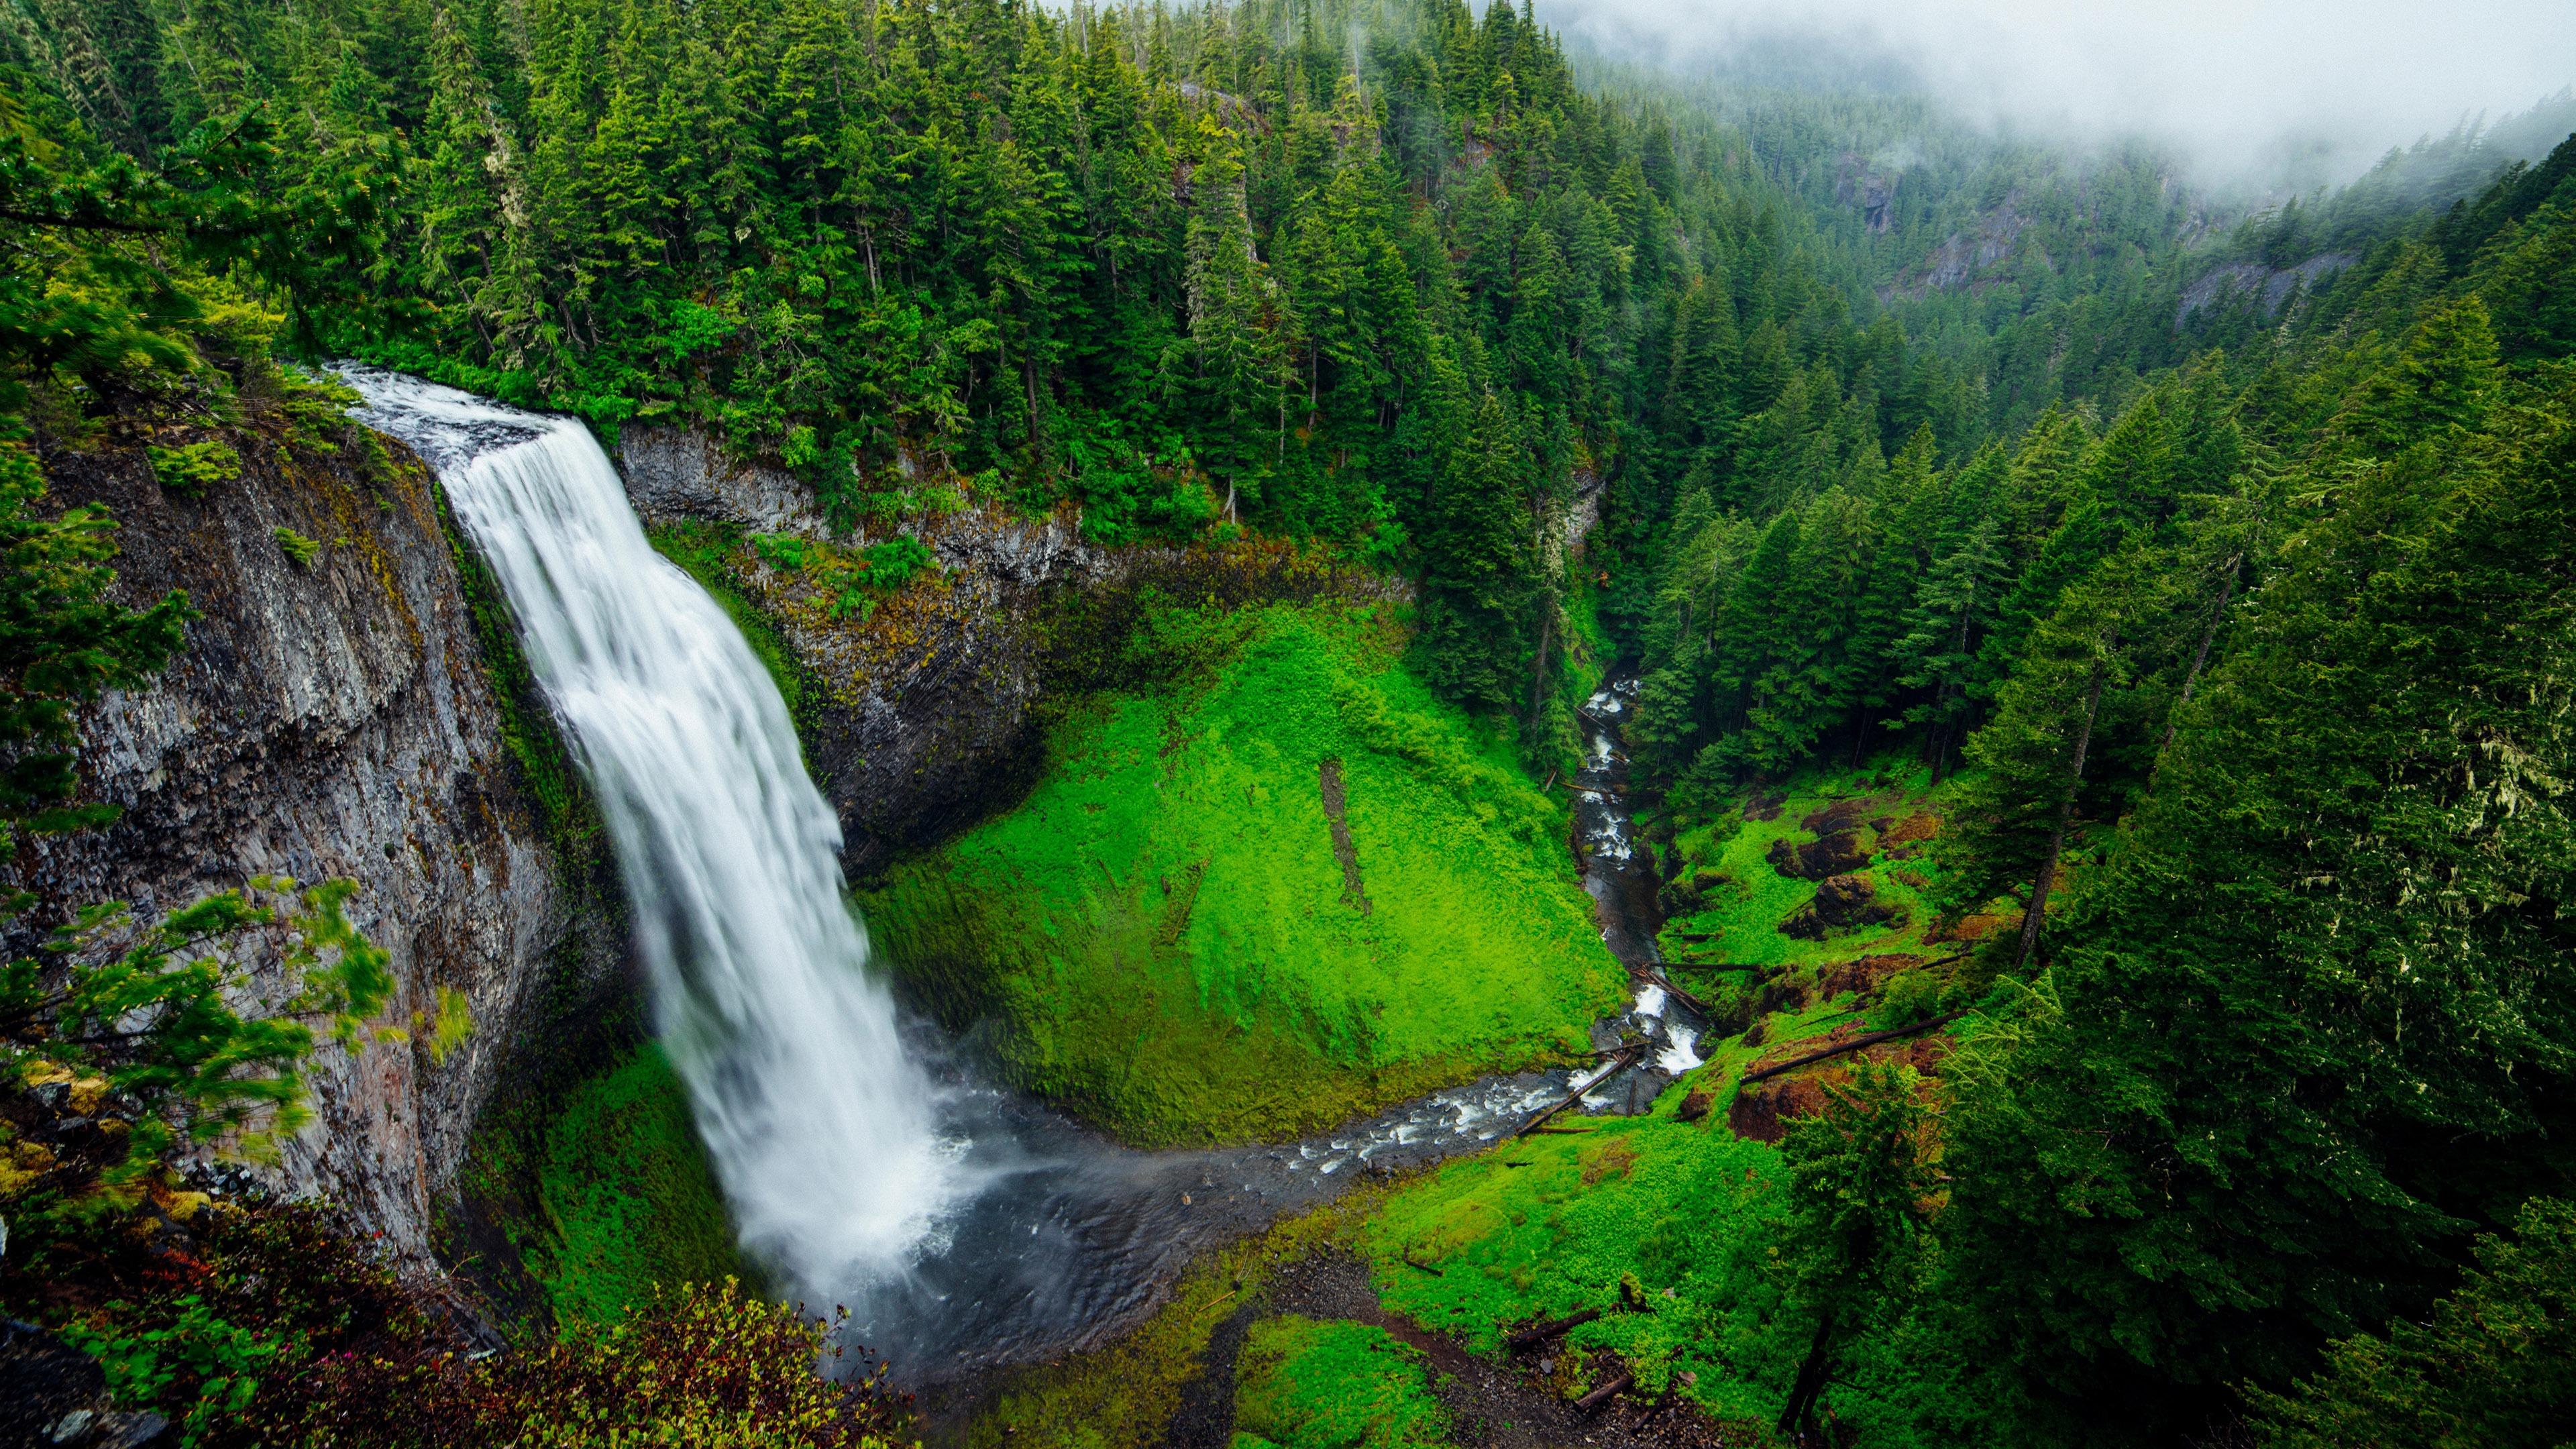 热带,原始森林,瀑布,河流预览 10wallpaper Com